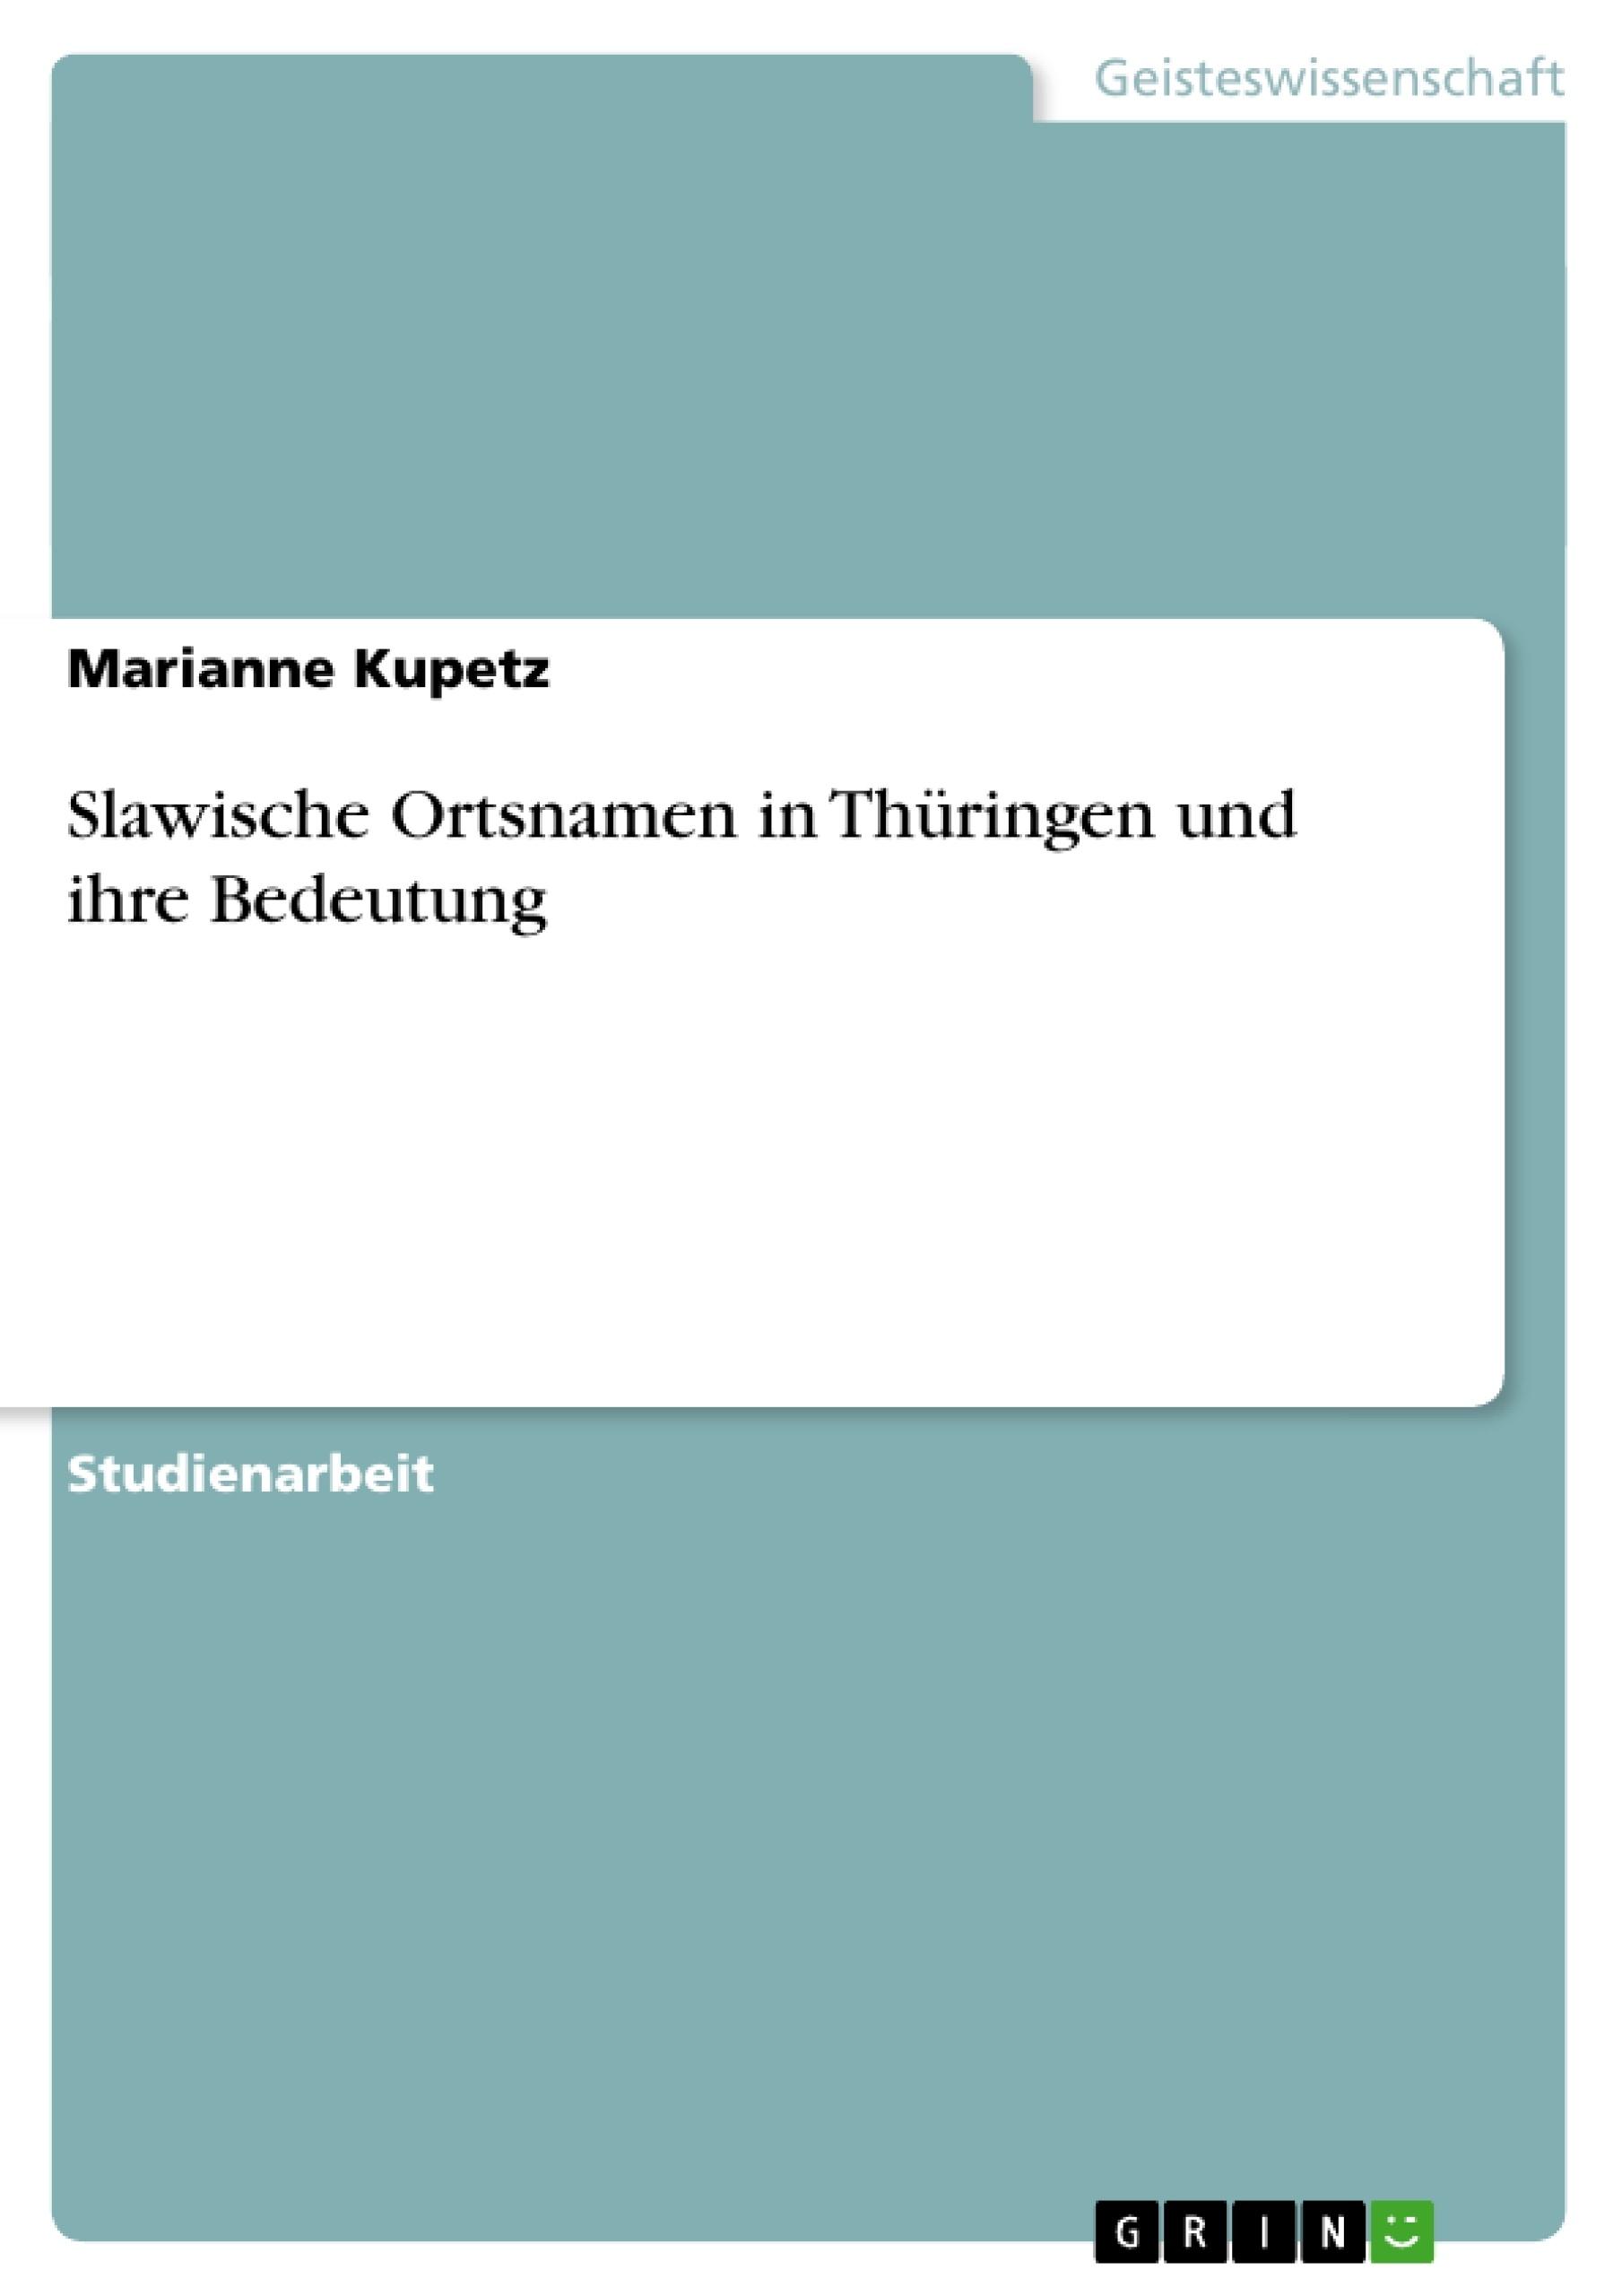 Titel: Slawische Ortsnamen in Thüringen und ihre Bedeutung